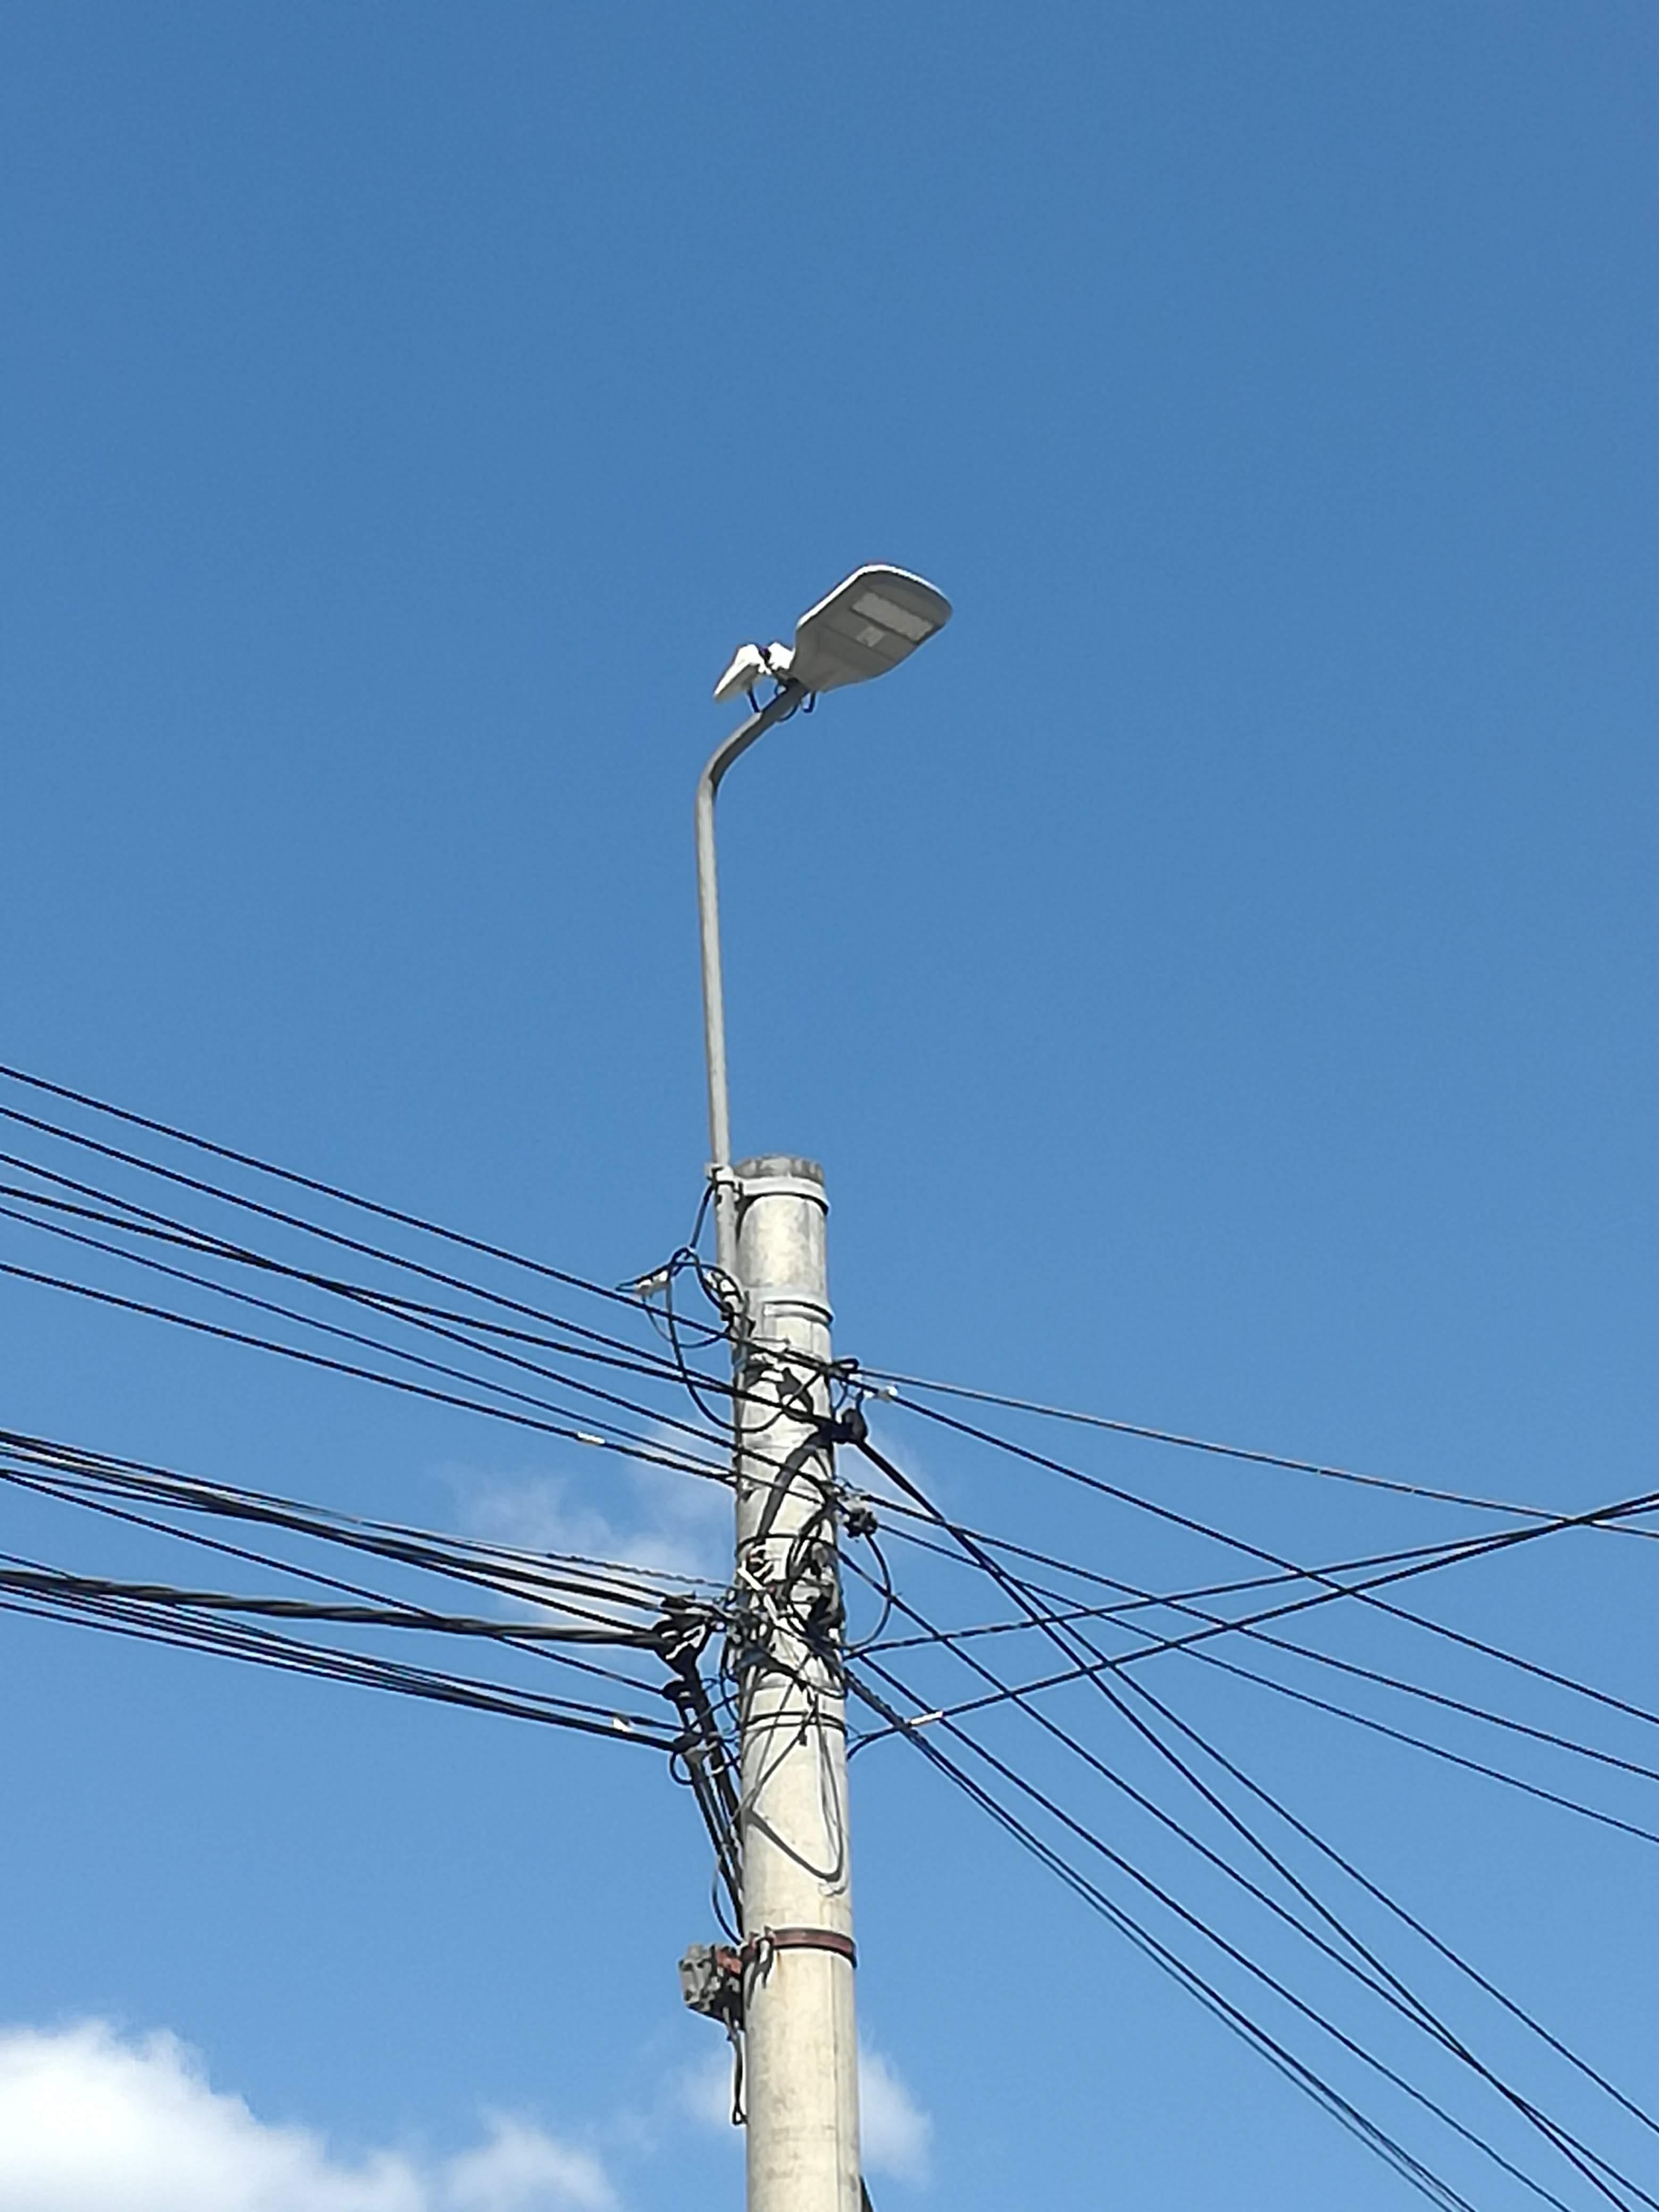 LED street light with LoRaWan module on top